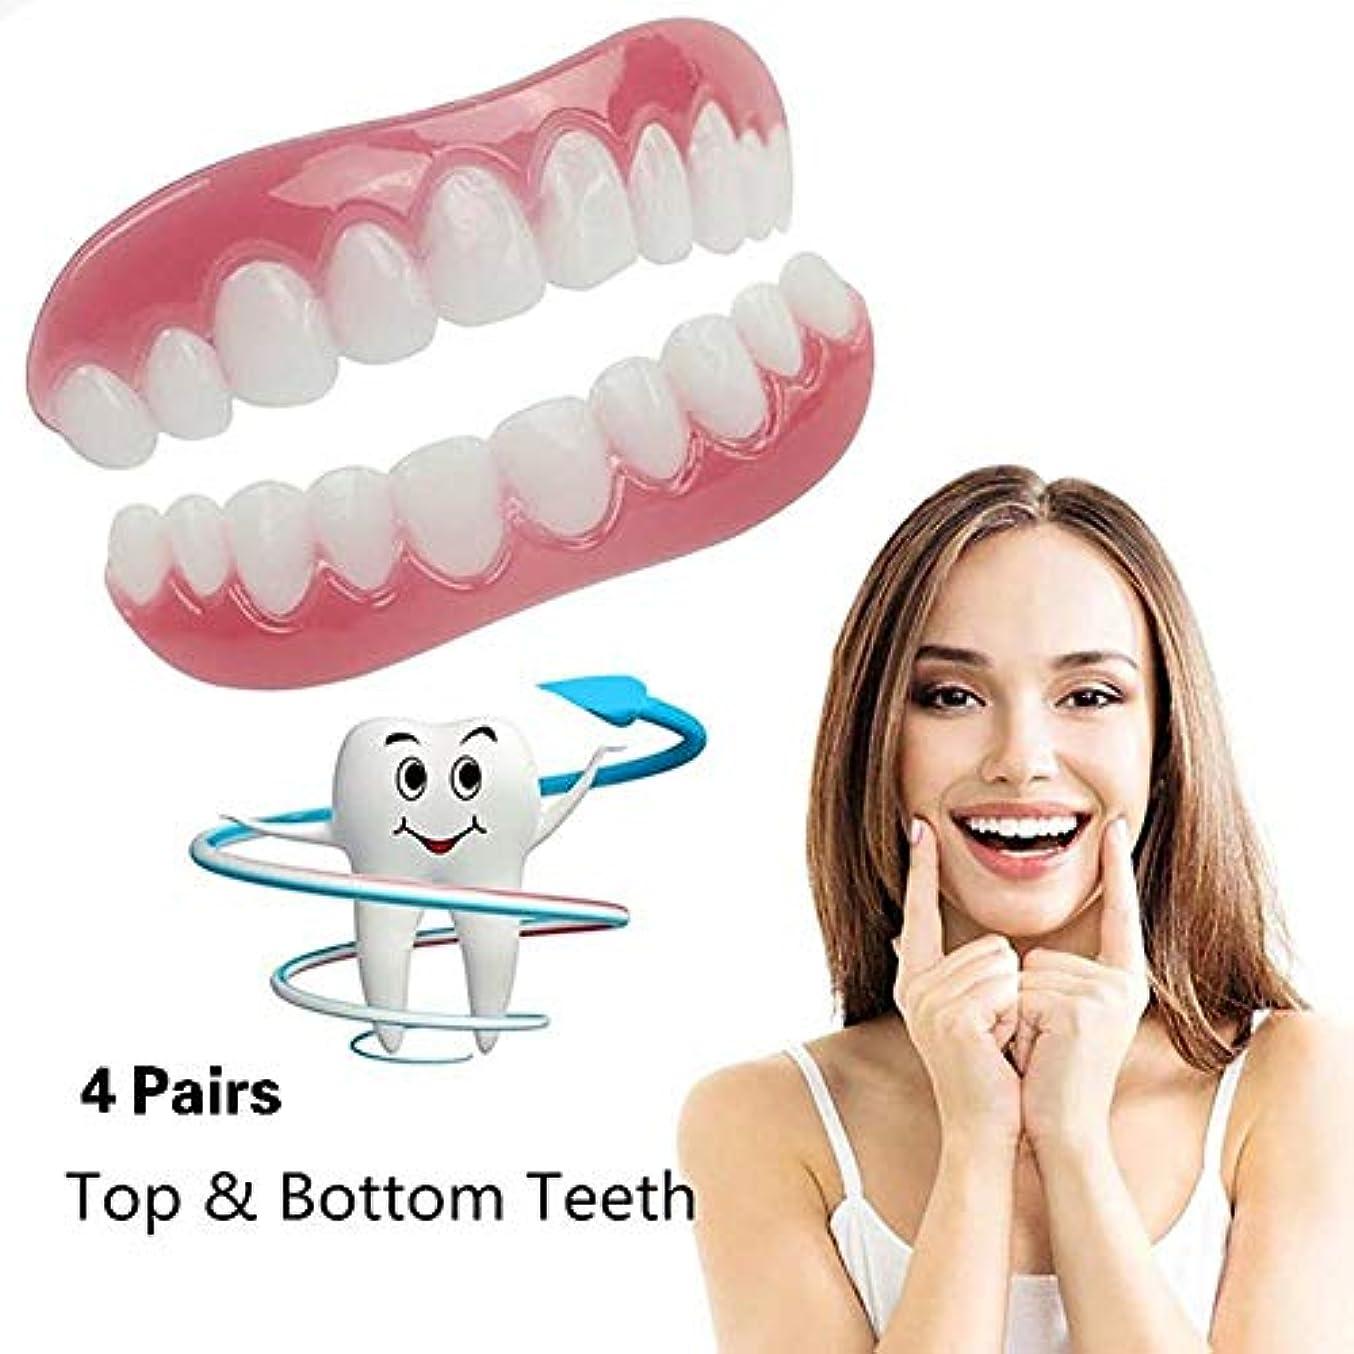 液体ジャンクション対象8本のシリコーンの歯のベニヤ化粧品の歯のスナップオンセキュアアッパーローフレックス歯科用ベニヤ義歯ケアホワイトニングパーフェクトトゥースワンサイズフィットすべて